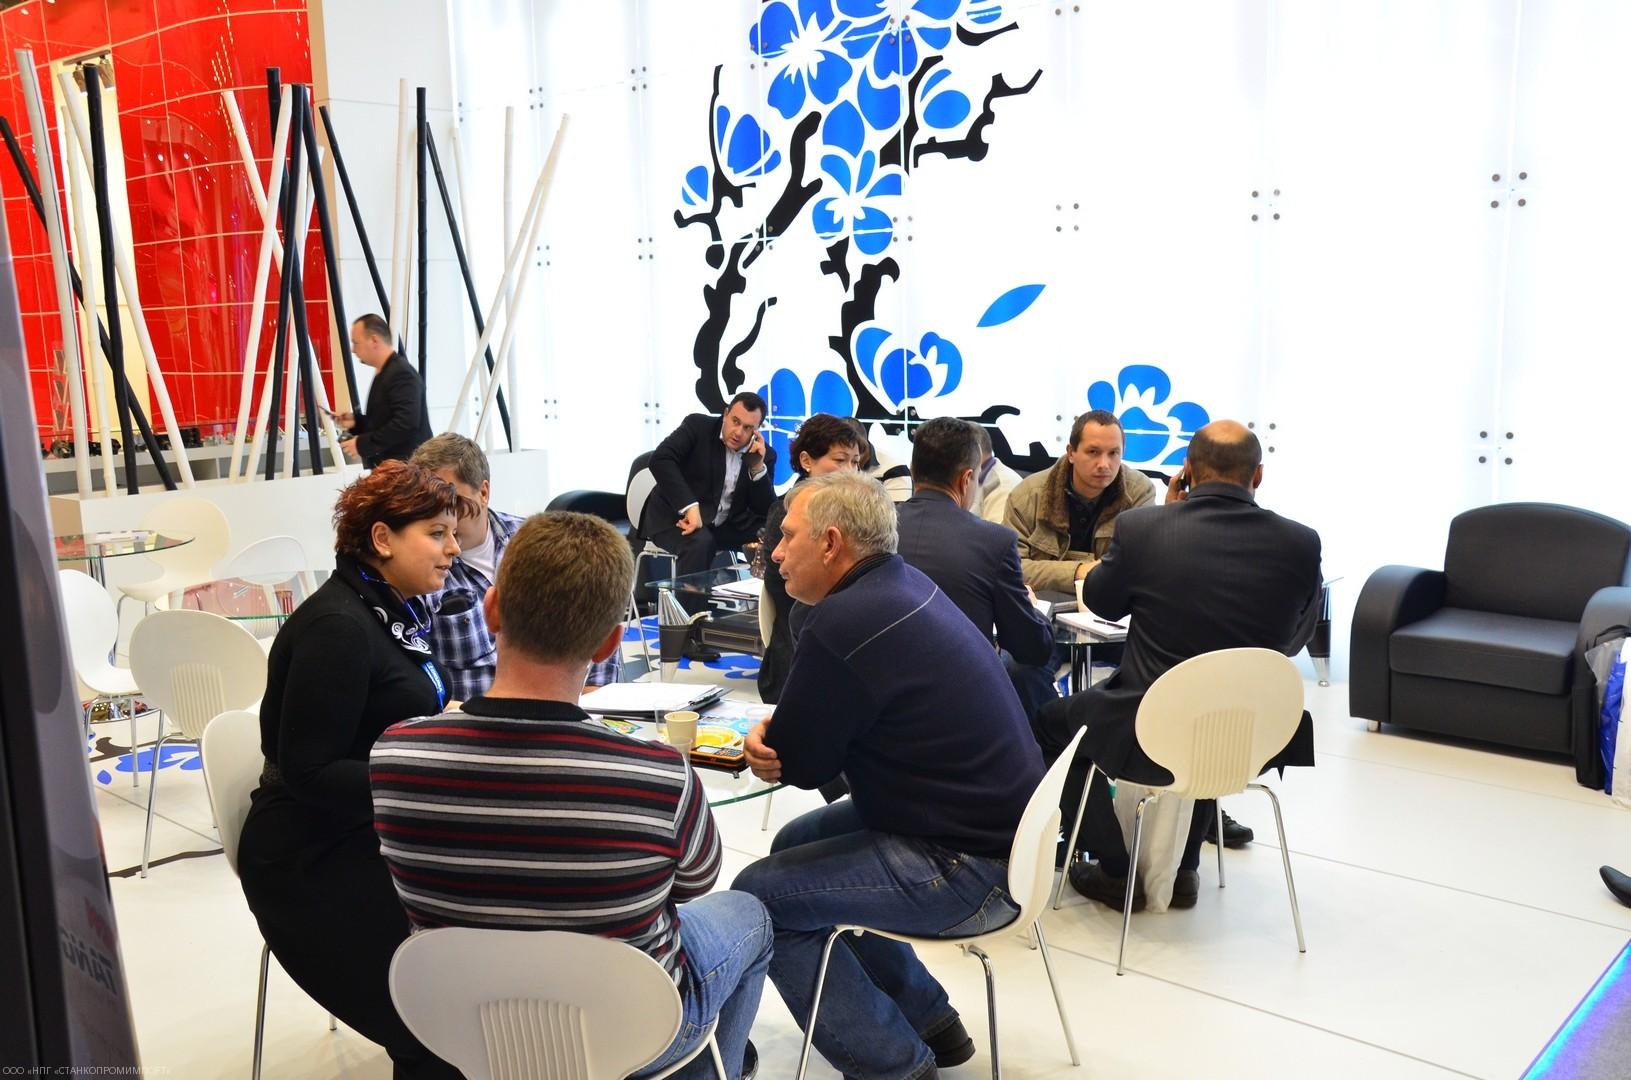 Международный промышленный форум 2013. Рабочий процесс.